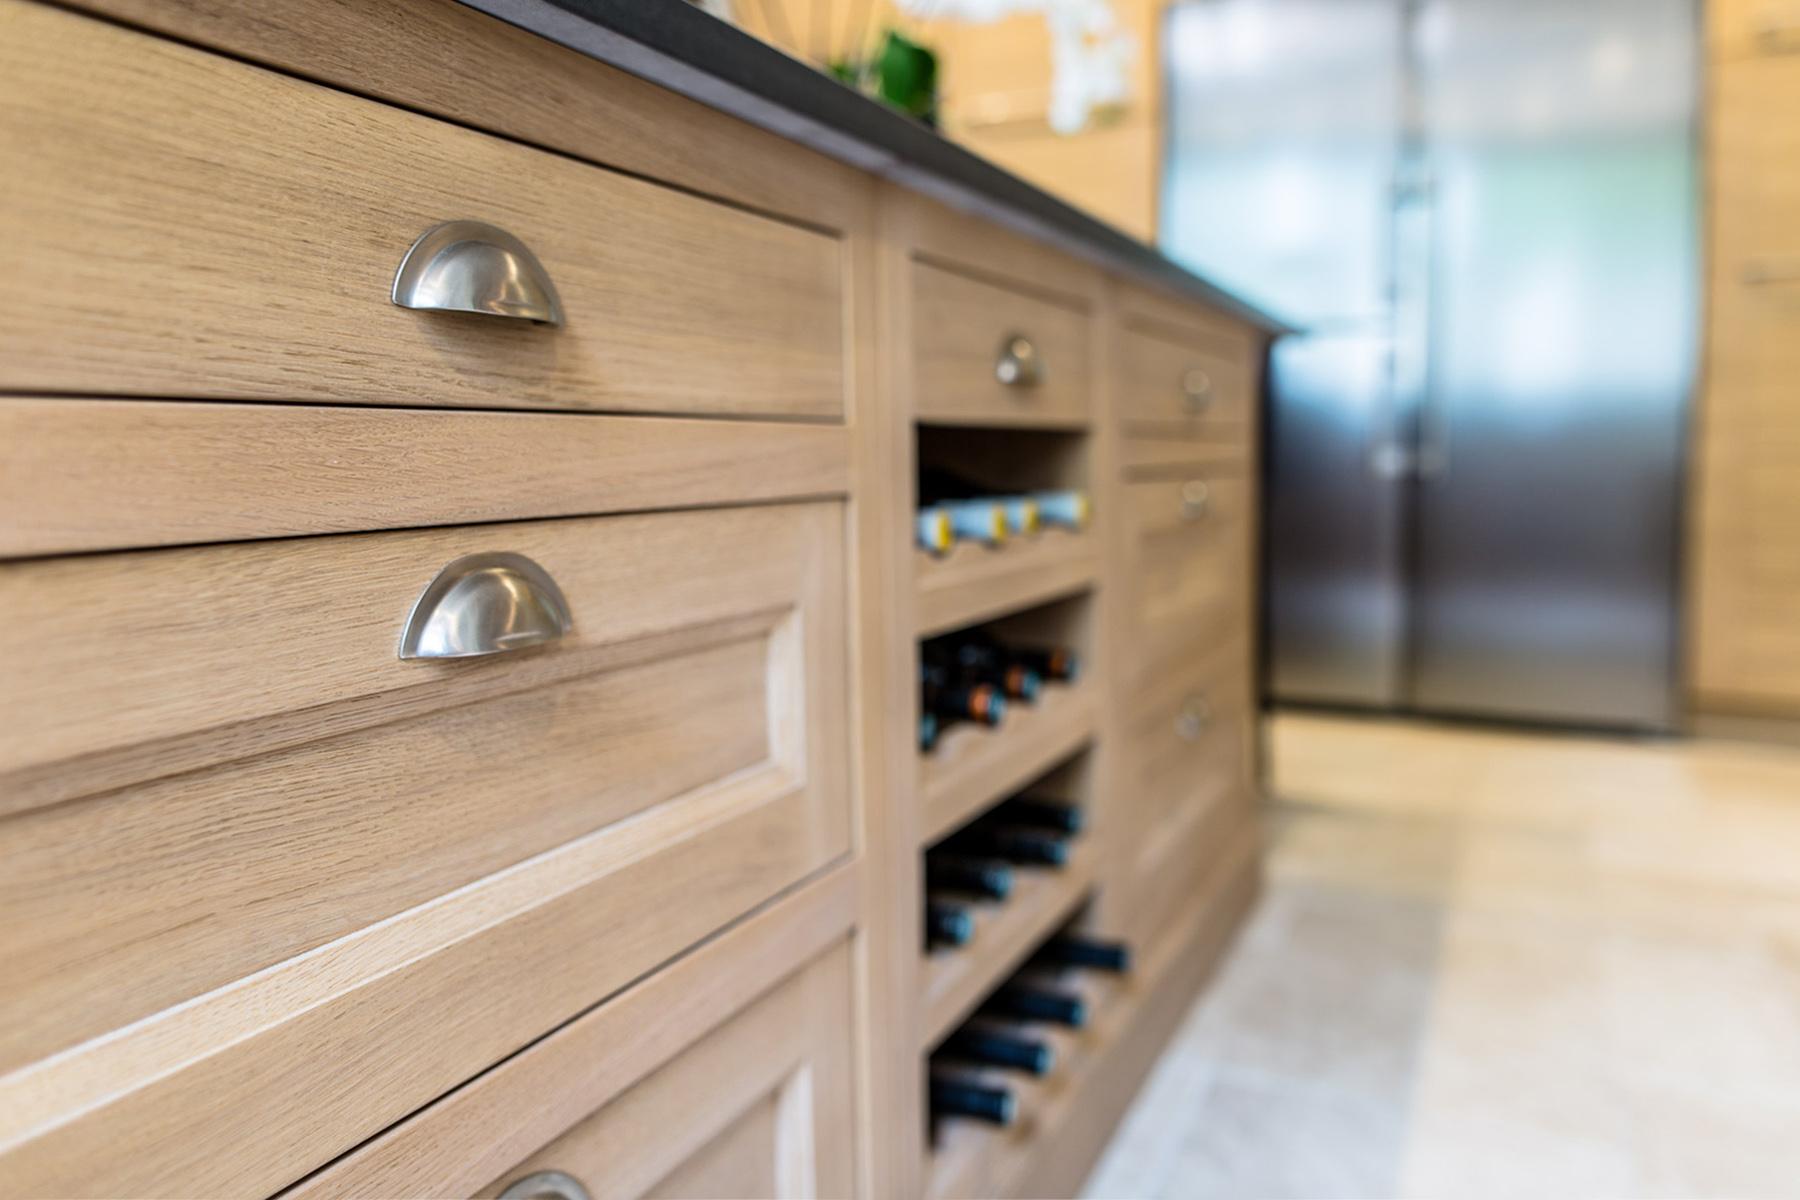 crémaillère bois dans niche ouverte plaquée de chêne pour recevoir les bouteilles de vin